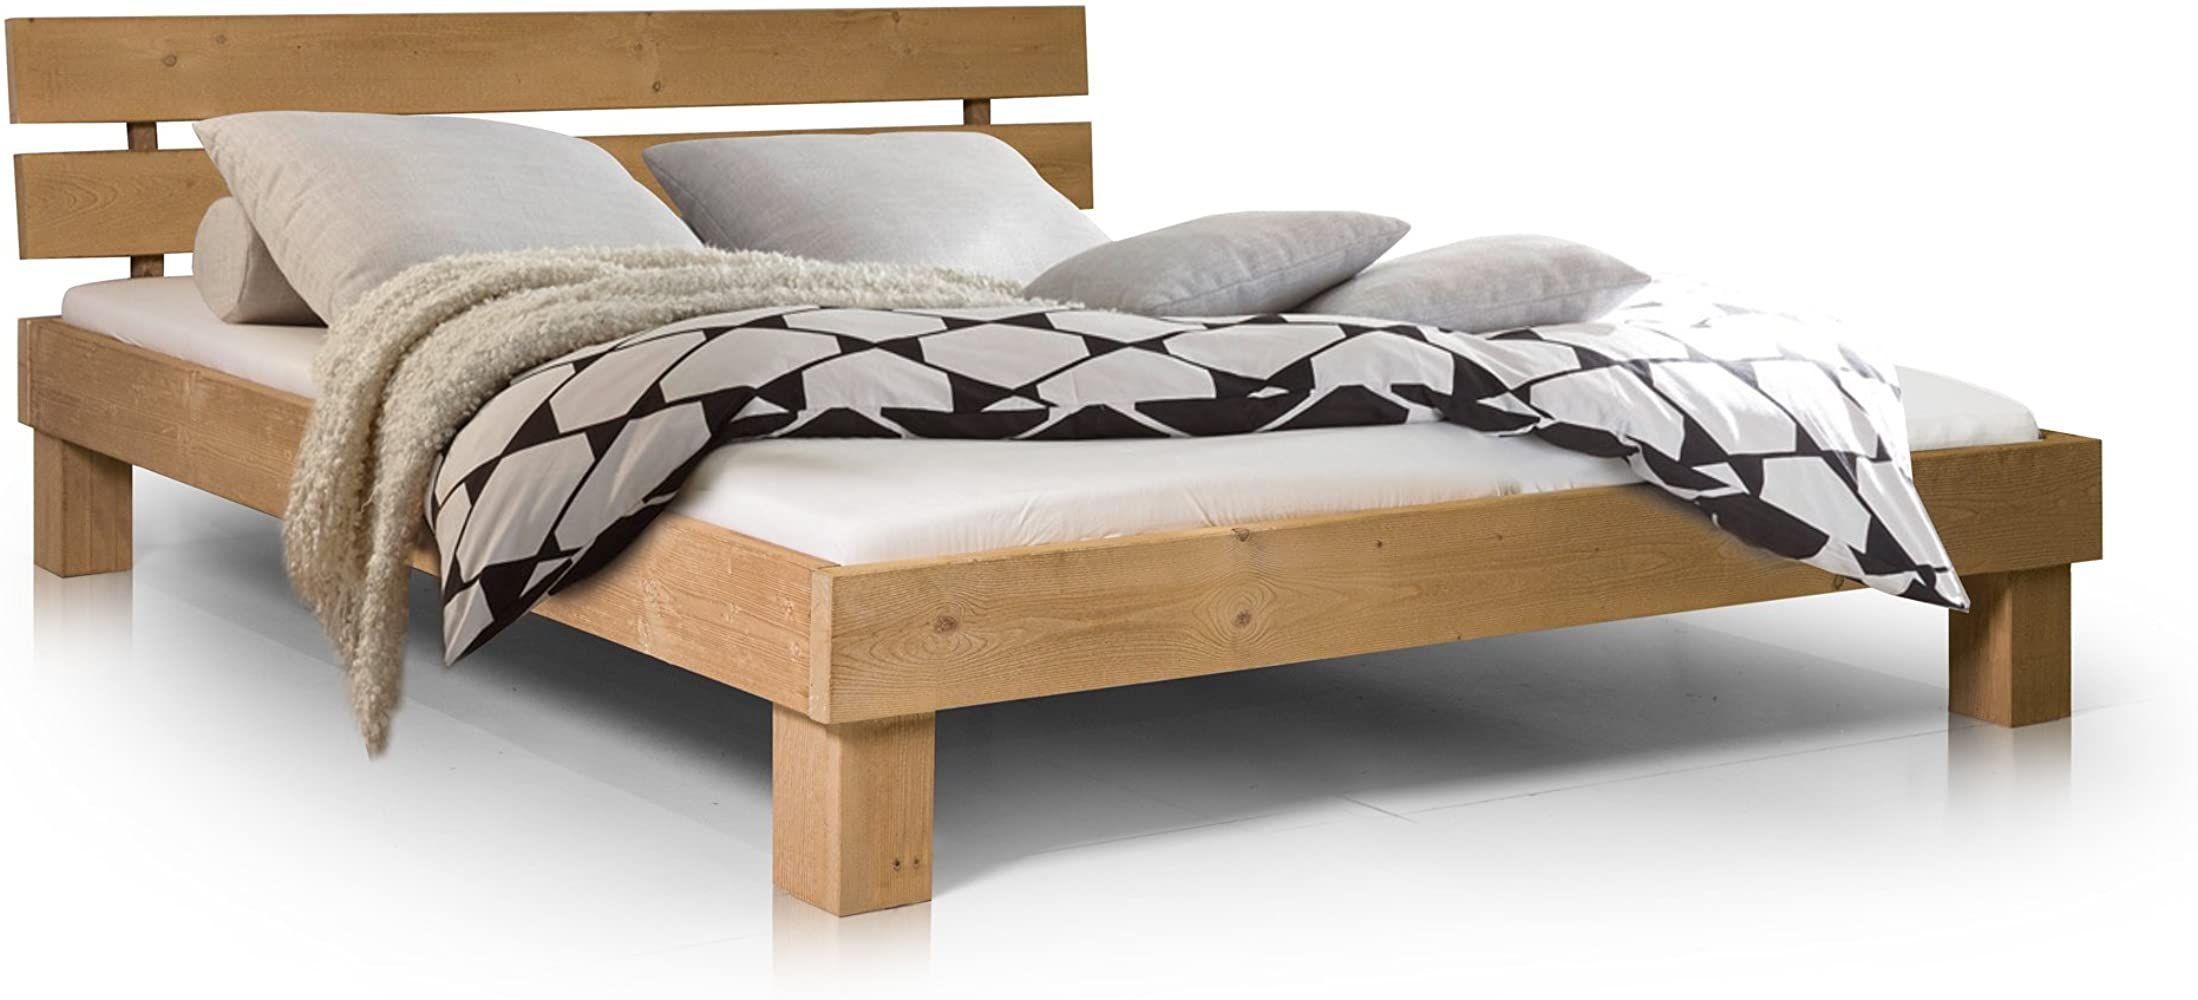 Massivholzbett Pumba Holzbett Doppelbett Material Massivholz Made